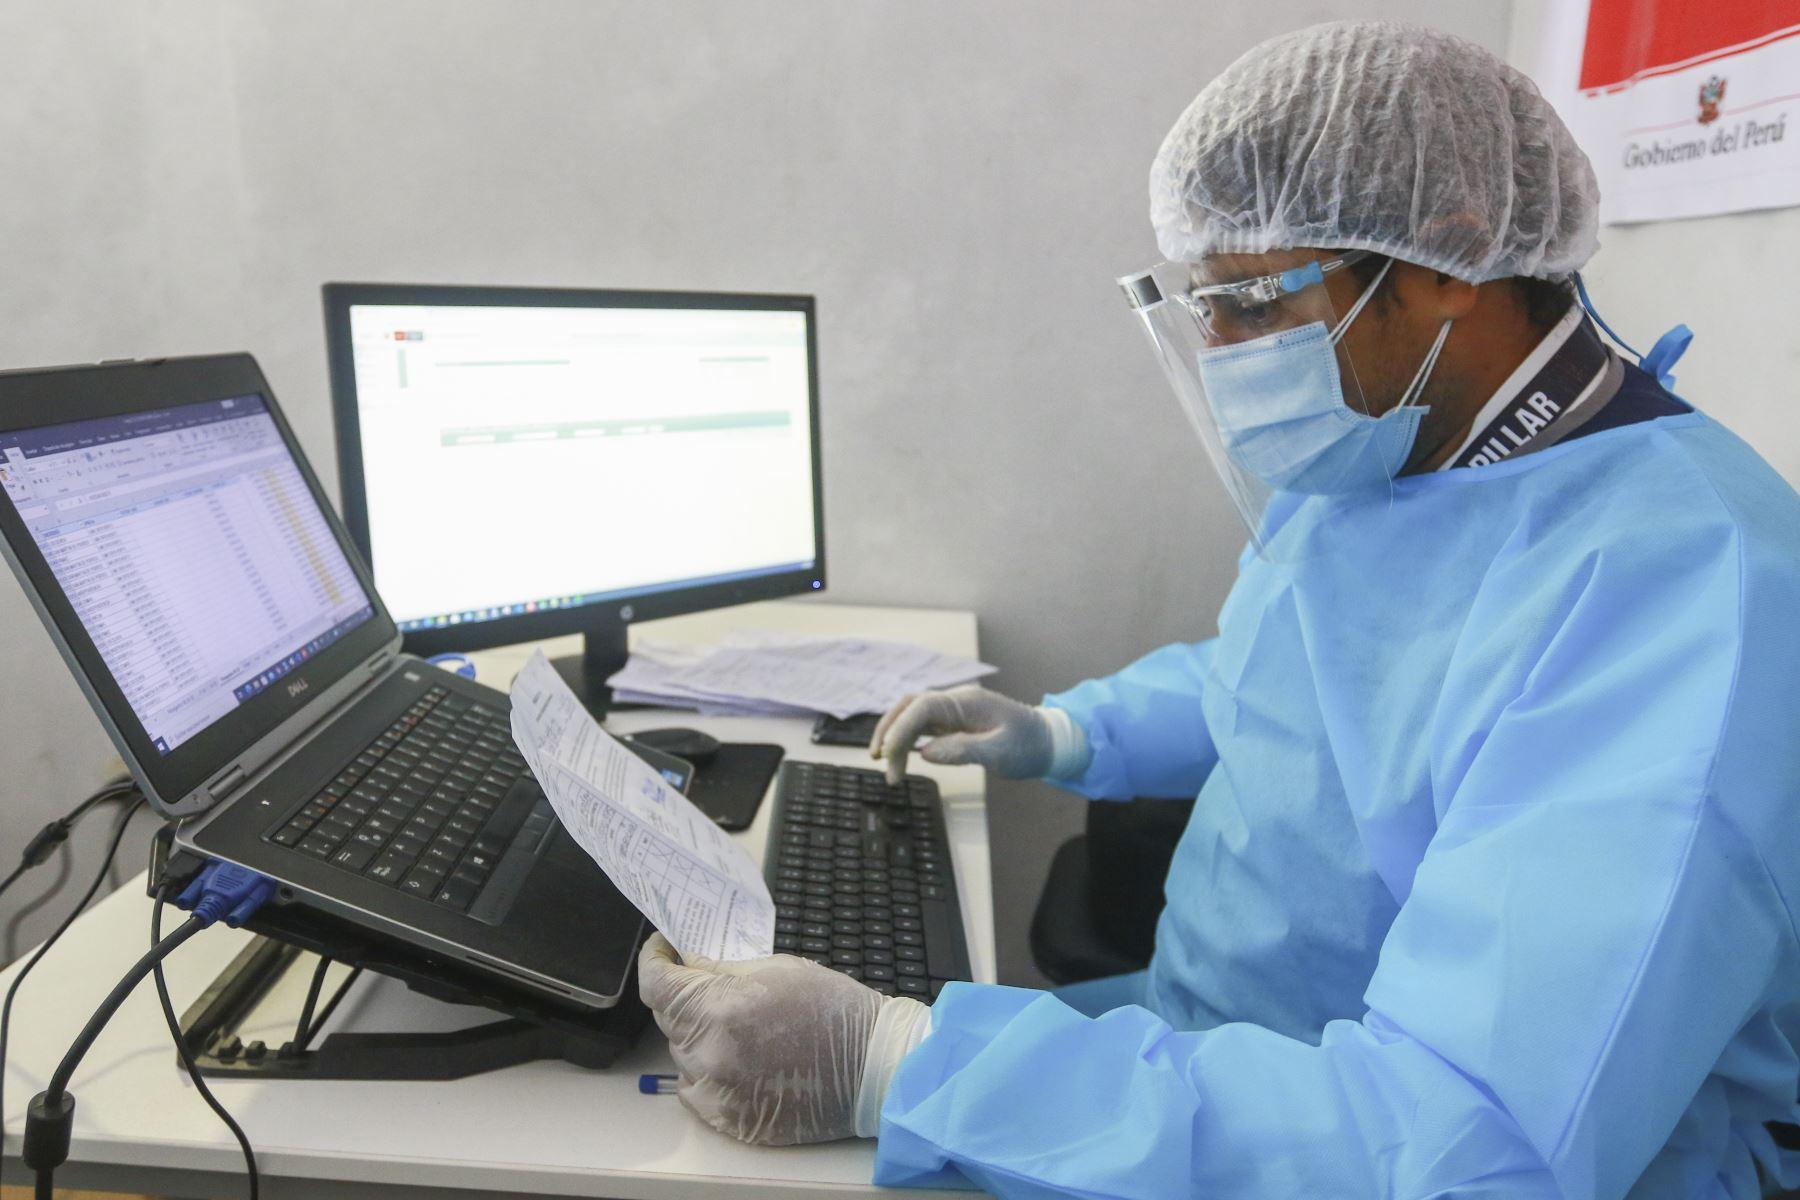 """Ahora, con la pandemia, tiene la importante función de obtener los reportes de los inmunizados por fecha y punto de vacunación; verificar el control de ingreso a los centros de vacunación por edades, por diagnósticos (enfermedades raras, primera o segunda dosis, etcétera), si la persona figura en el portal Pongo El Hombro y el portal del Minsa. Verificar el número de vacunas. Sacar una proyección de cómo programar por fechas o grupos etarios, que servirán a las brigadas. """"Los informáticos somos los primeros en llegar a los puntos de vacunación y los últimos en retirarnos"""". Foto: ANDINA/Jhonel Rodríguez Robles"""